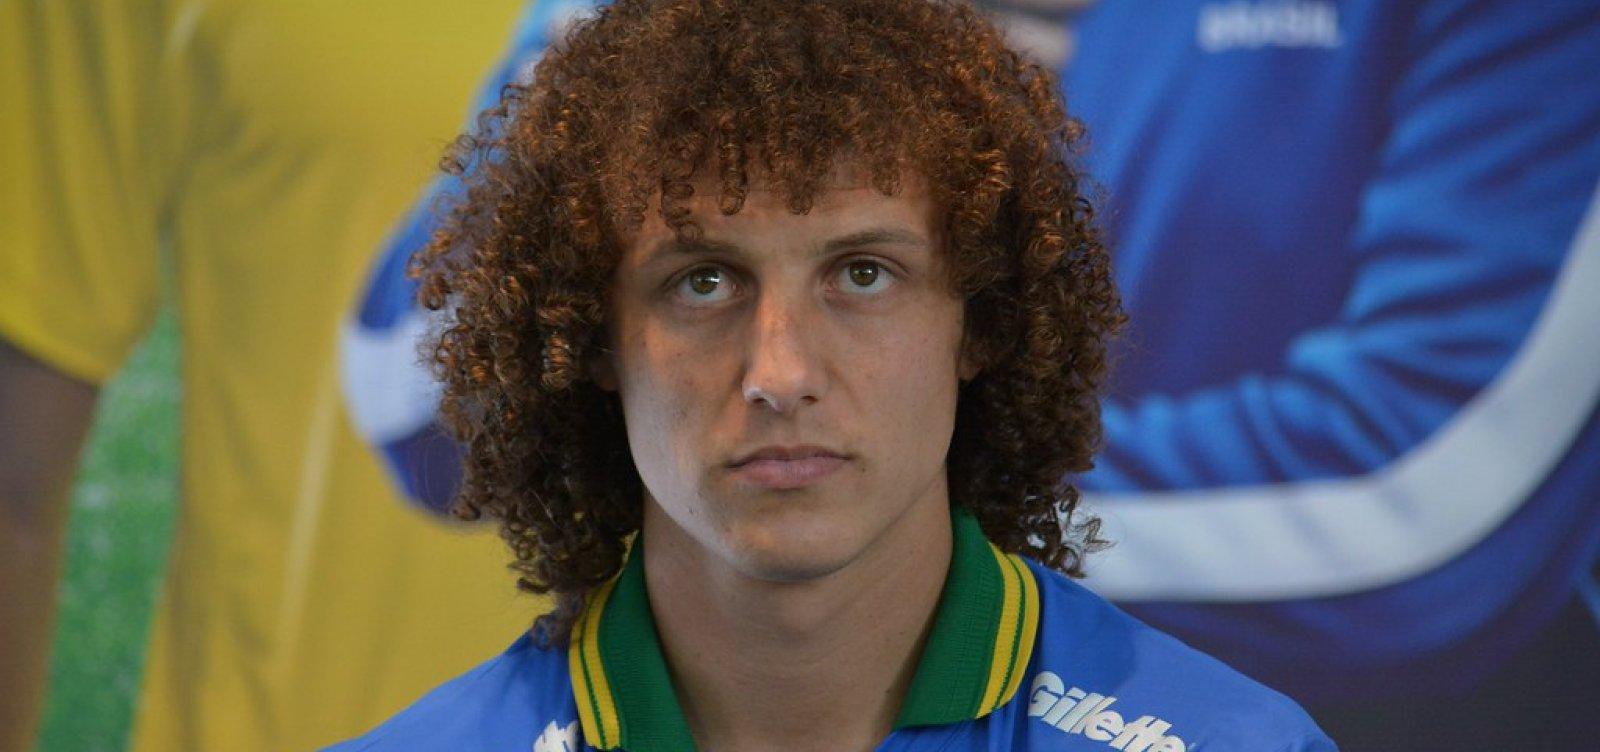 [David Luiz processa construtora que usou sua imagem para piadas com o 7 a 1]